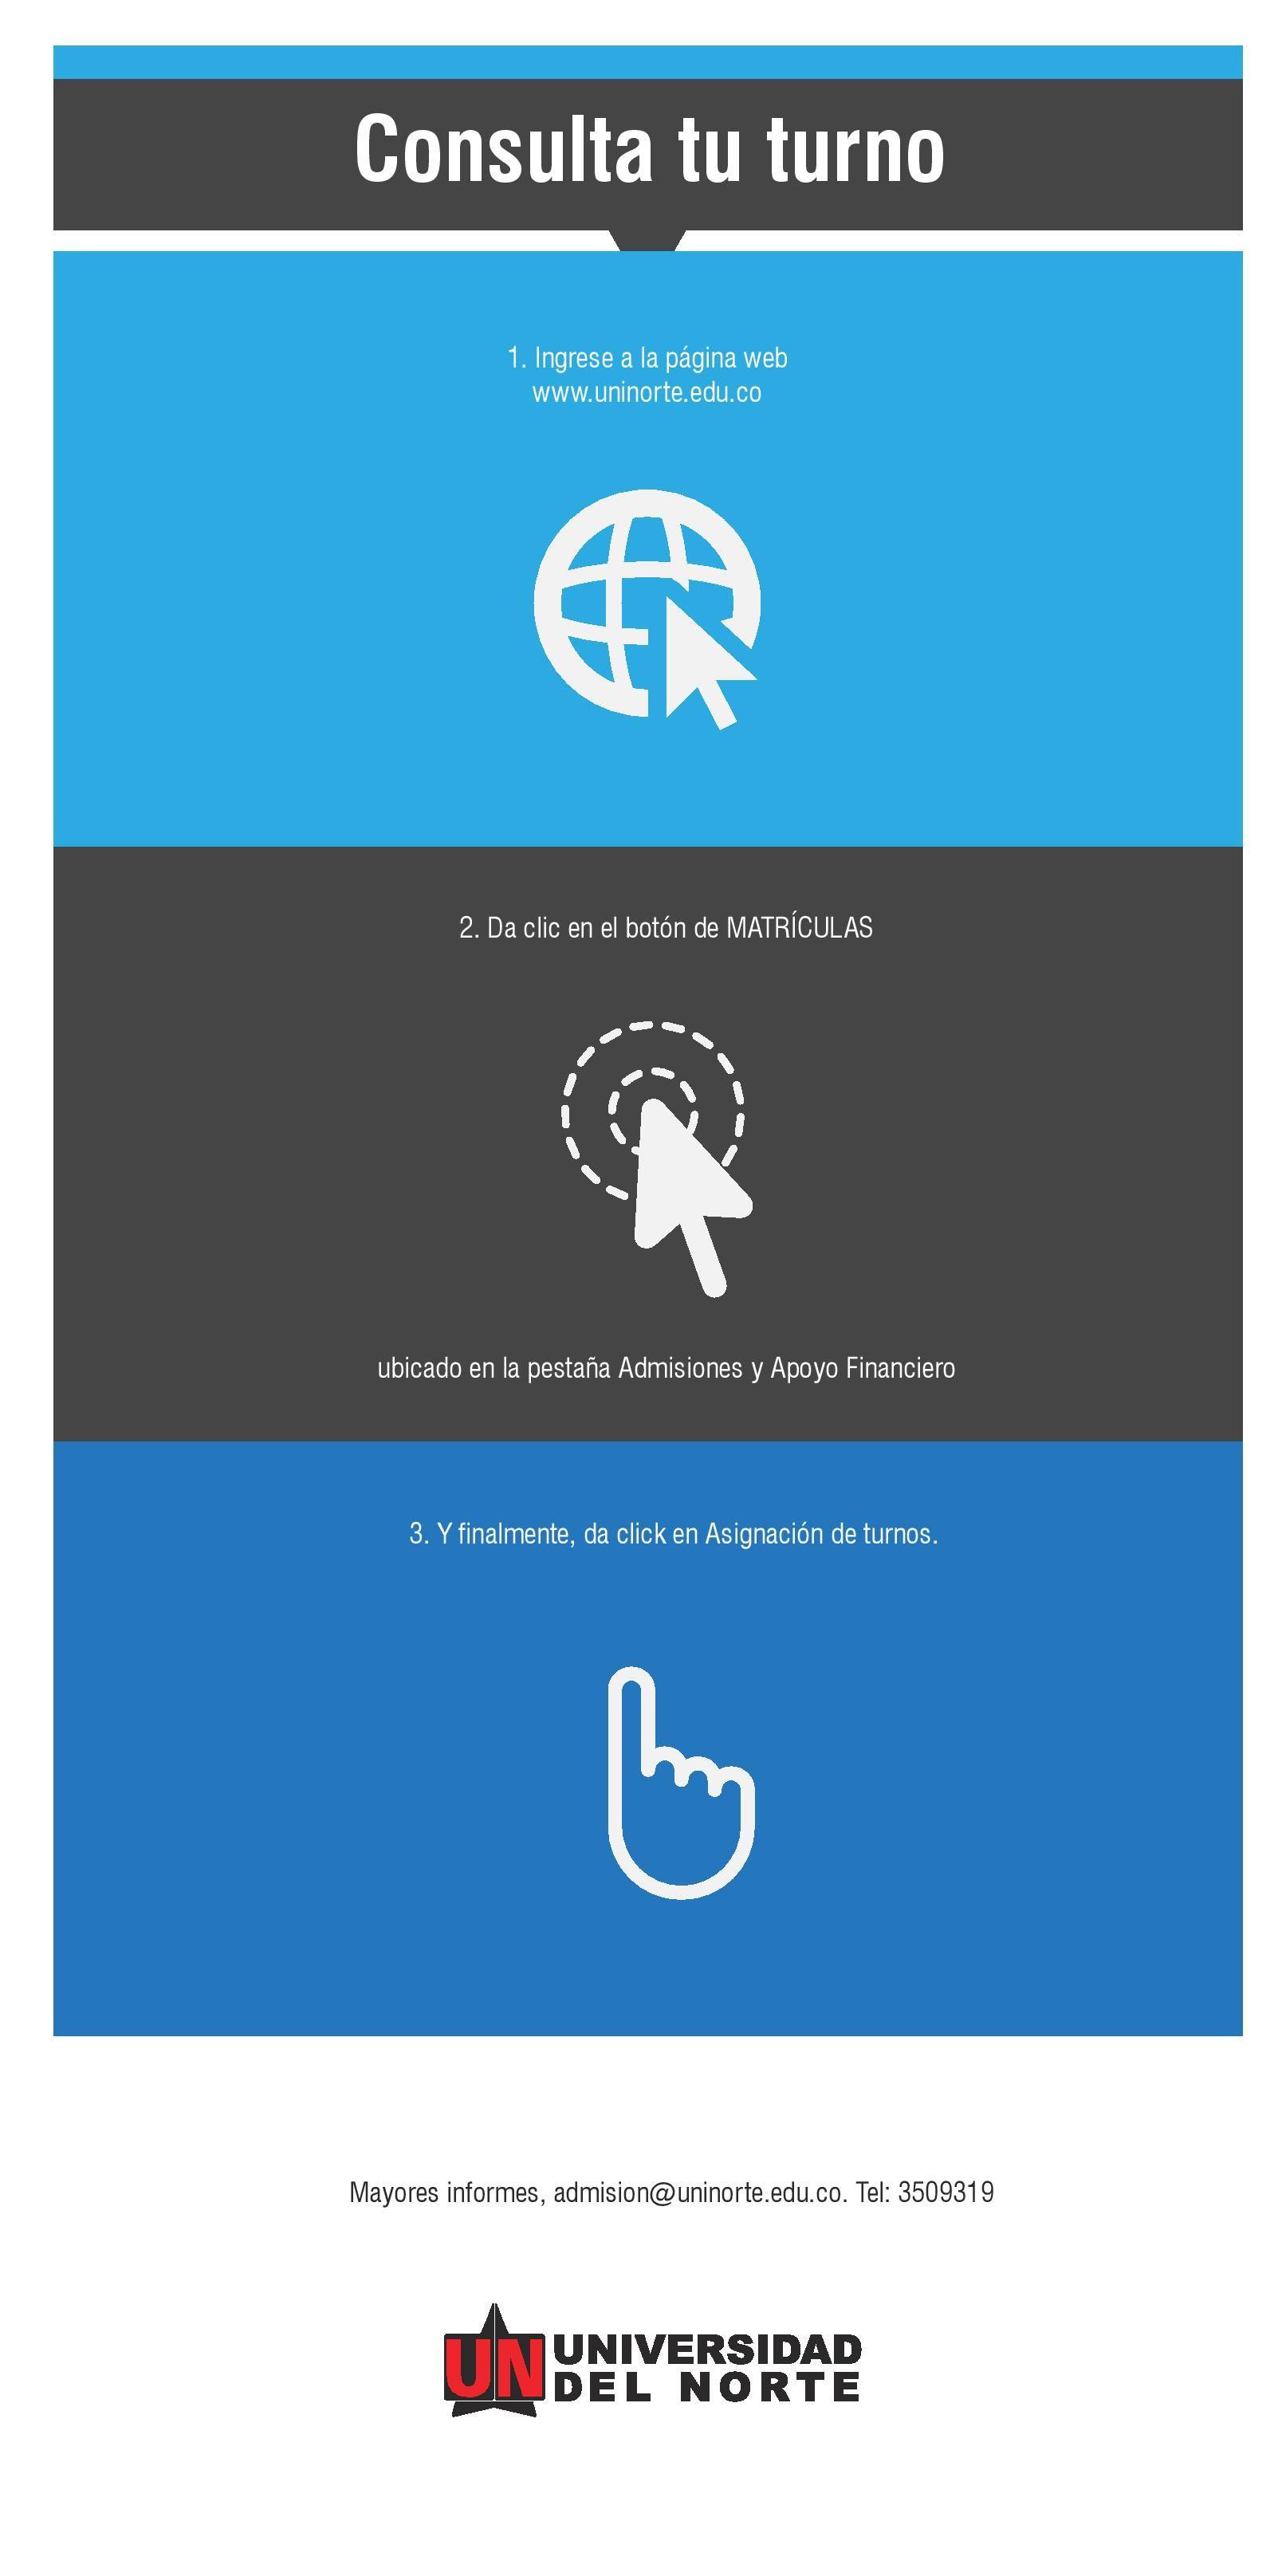 Consulta tu turno en 3 sencillos pasos  #MatriculasUninorte